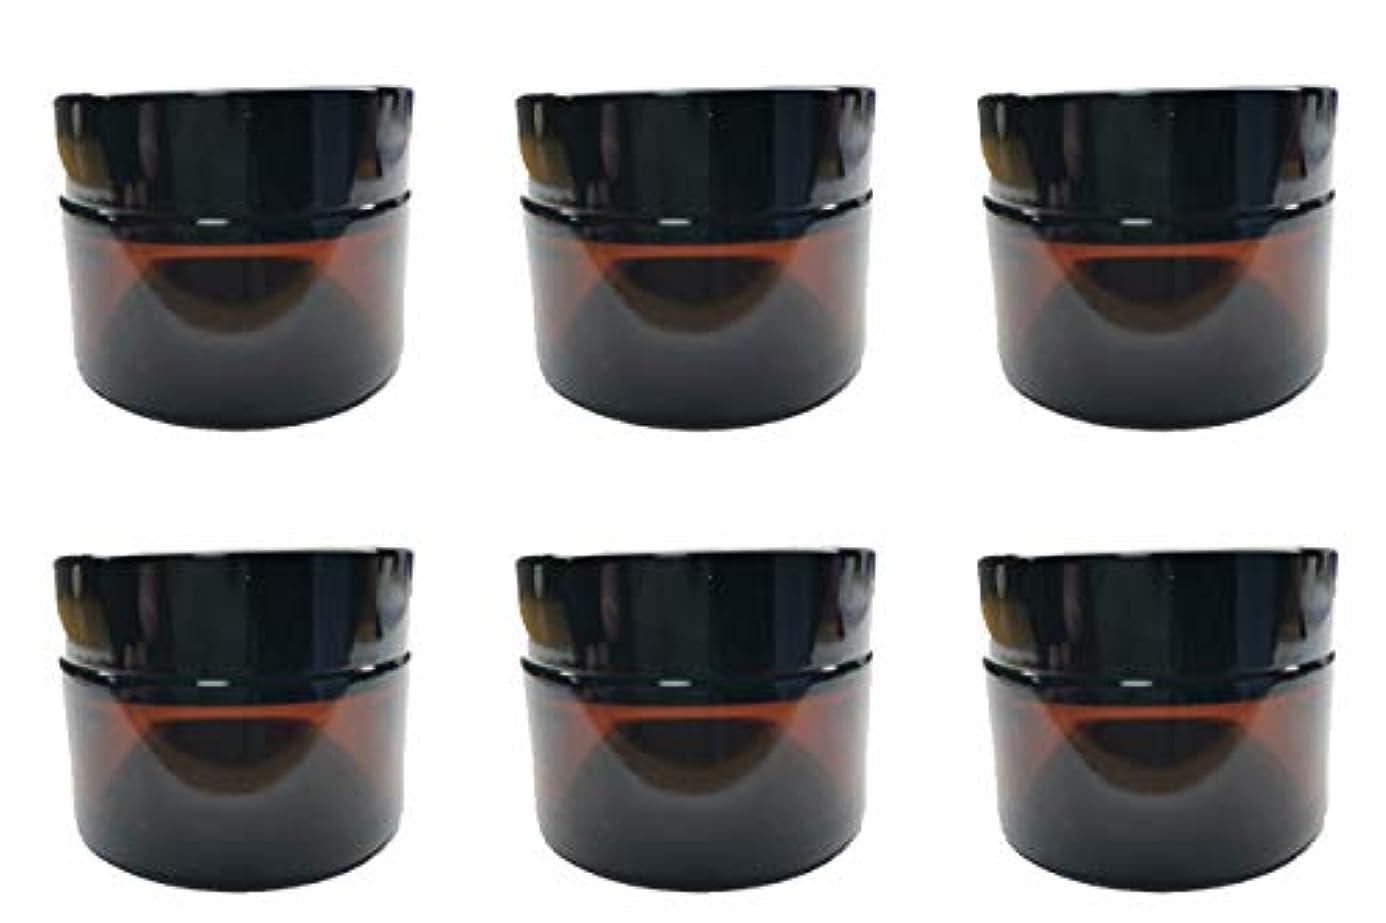 残忍な麦芽メイエラガラス製 遮光瓶 クリーム容器 ボトル ハンドクリーム アロマクリーム クリームジャー保存 詰替え 容器 30g 6個 セット (ブルー?ブラウン) (ブラウン)